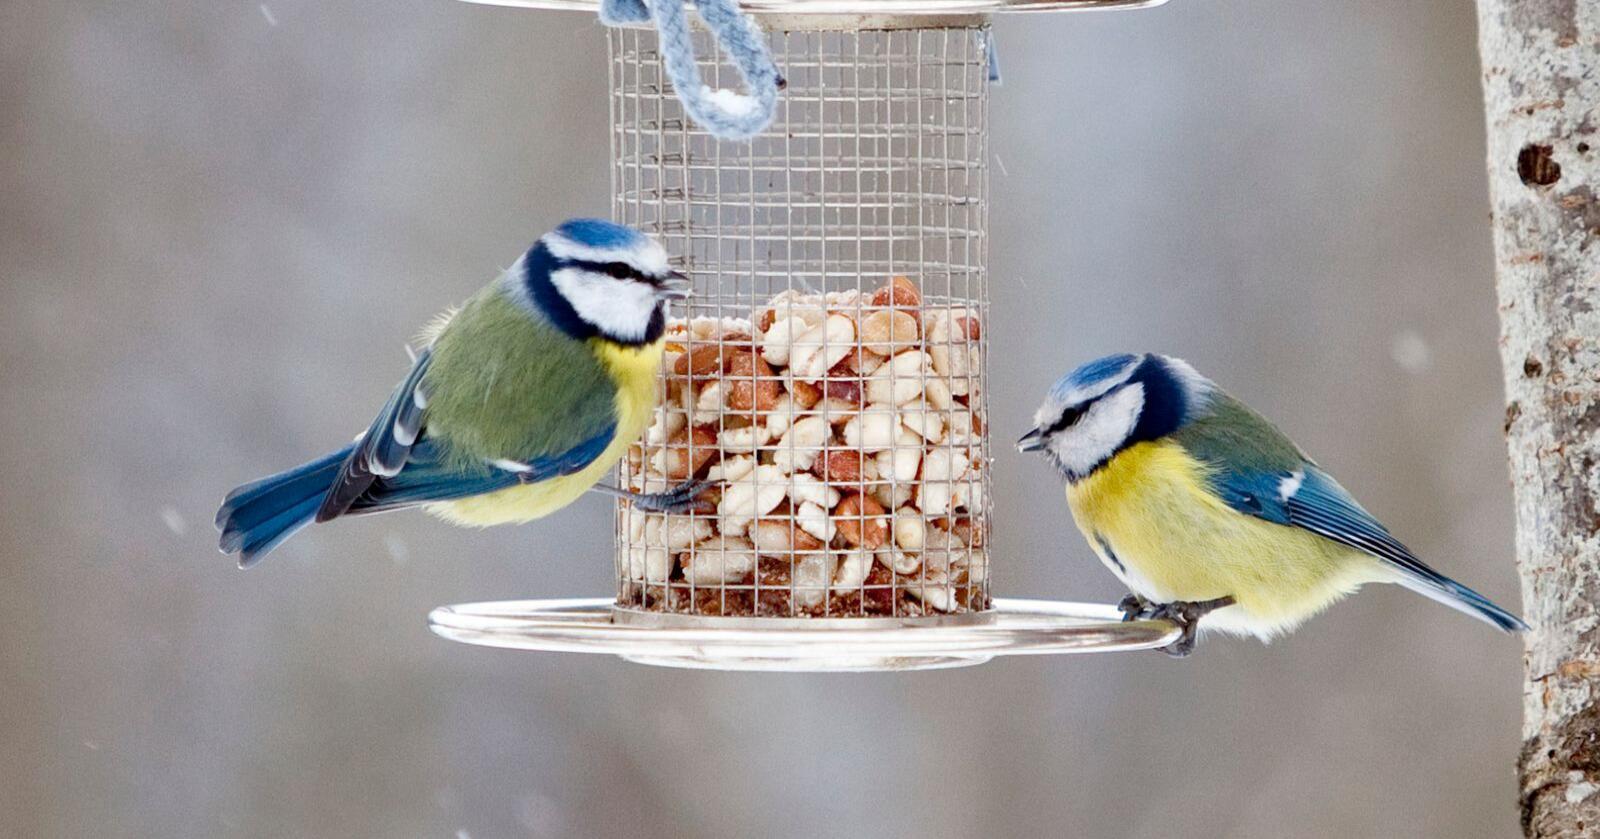 Mater du fuglene regelmessig, bør du fortsette med det på tross av fugleinfluensaen. Foto: Paul Kleiven / Scanpix